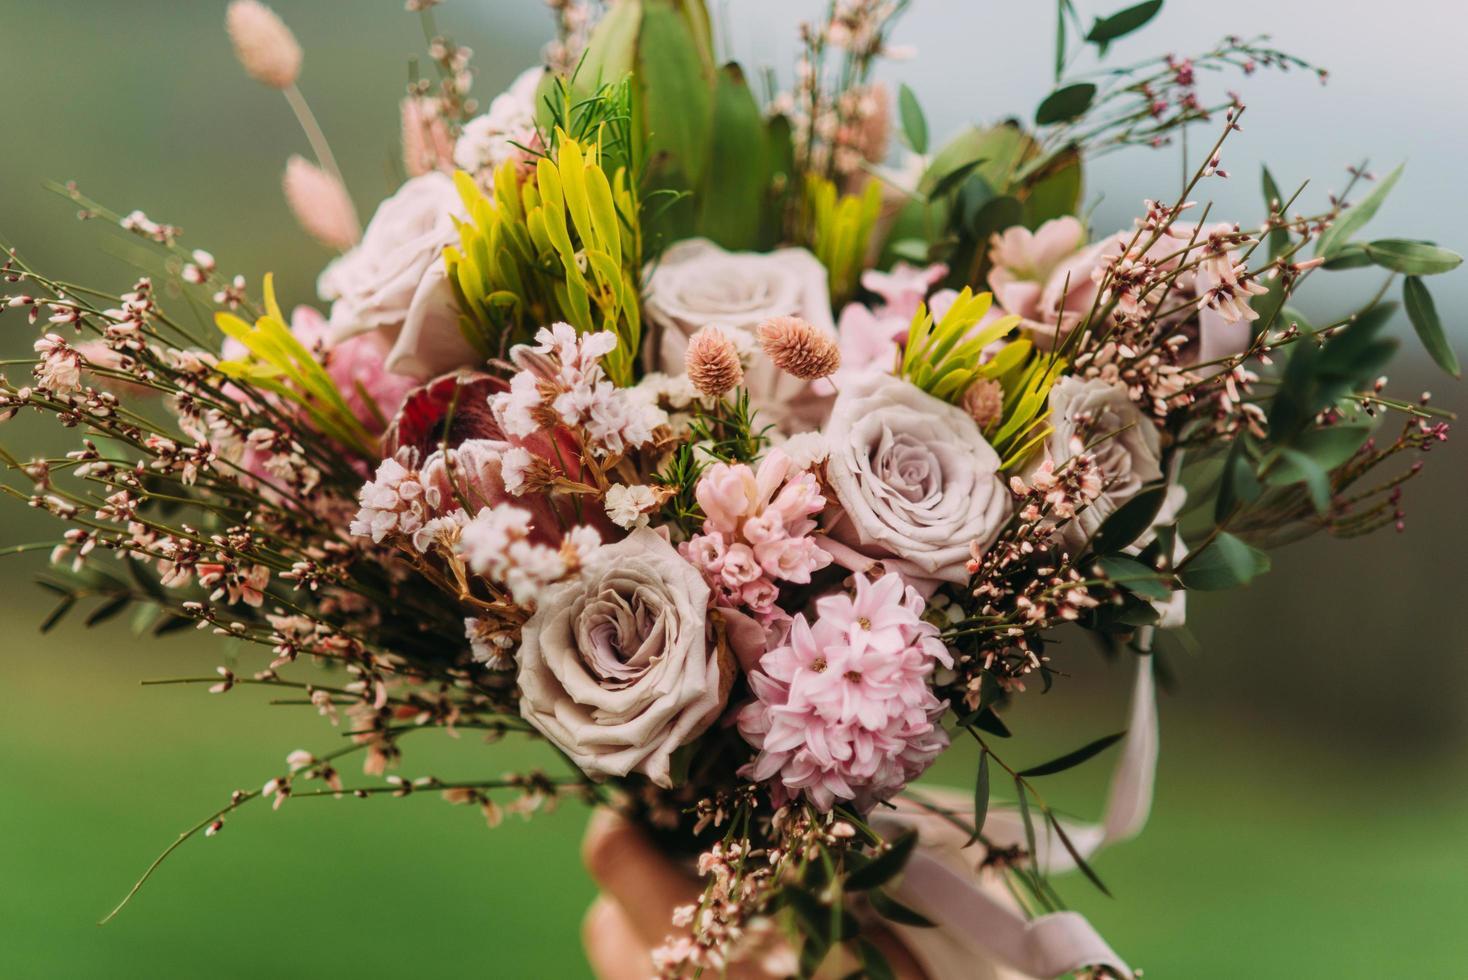 Stylish wedding bouquet photo